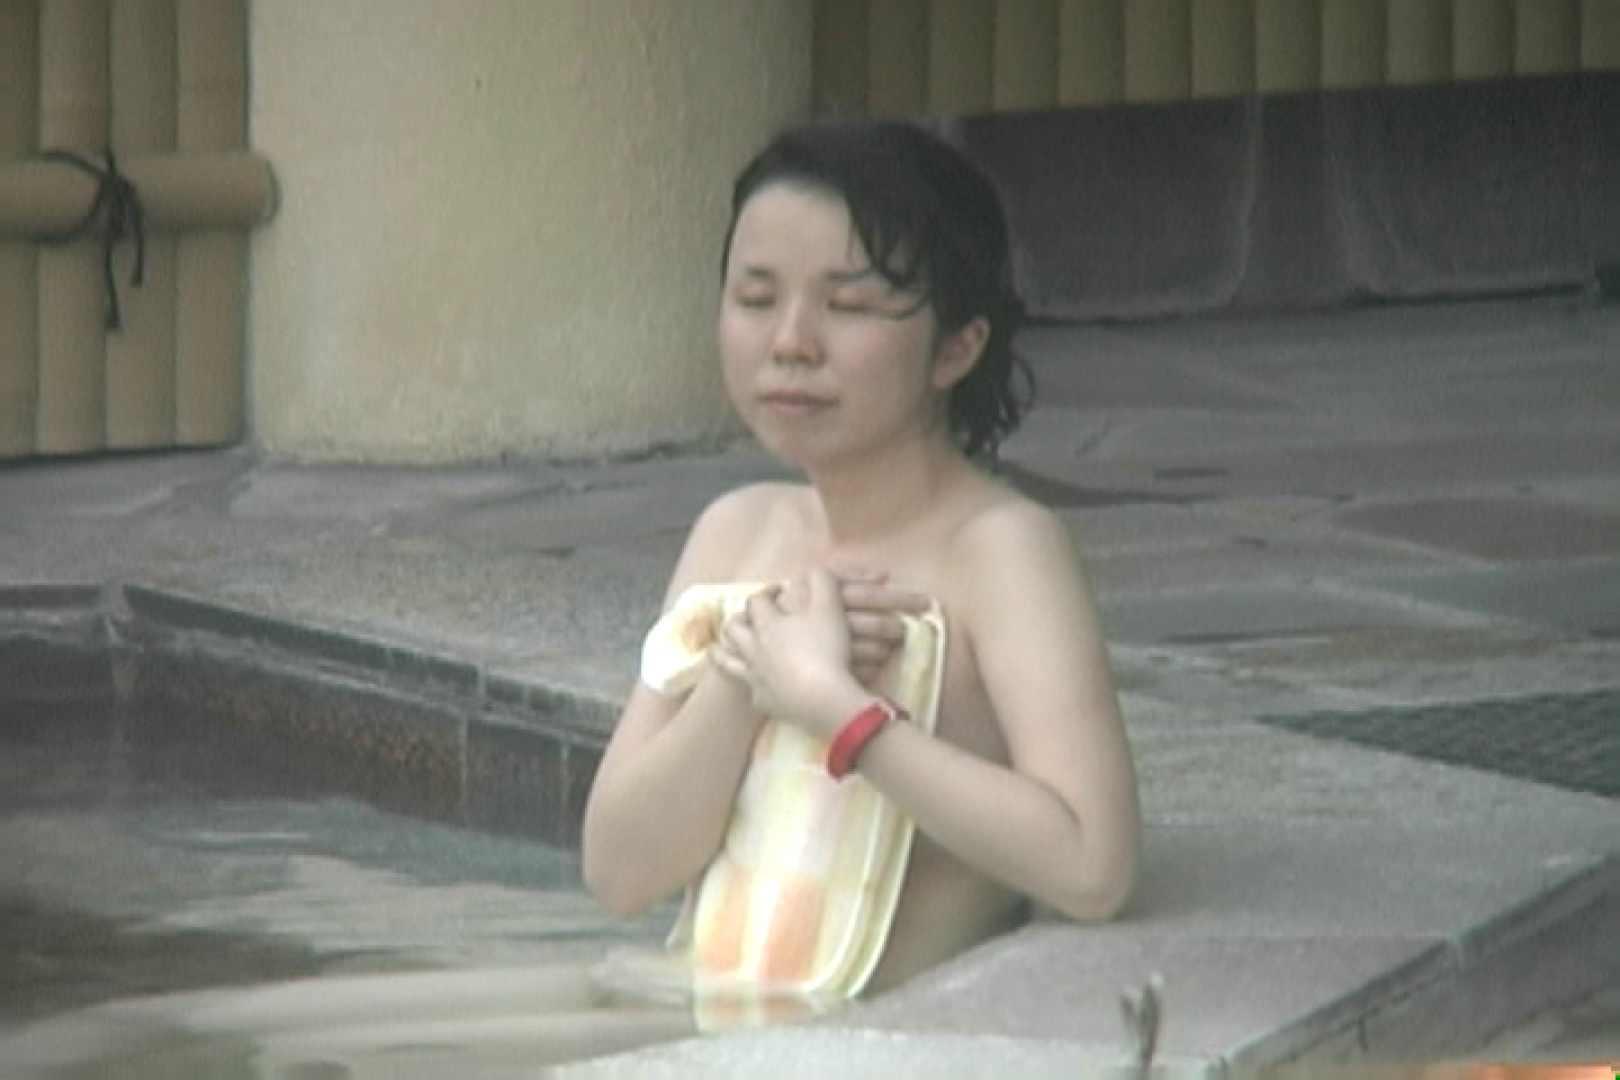 高画質露天女風呂観察 vol.007 望遠 エロ画像 102pic 90